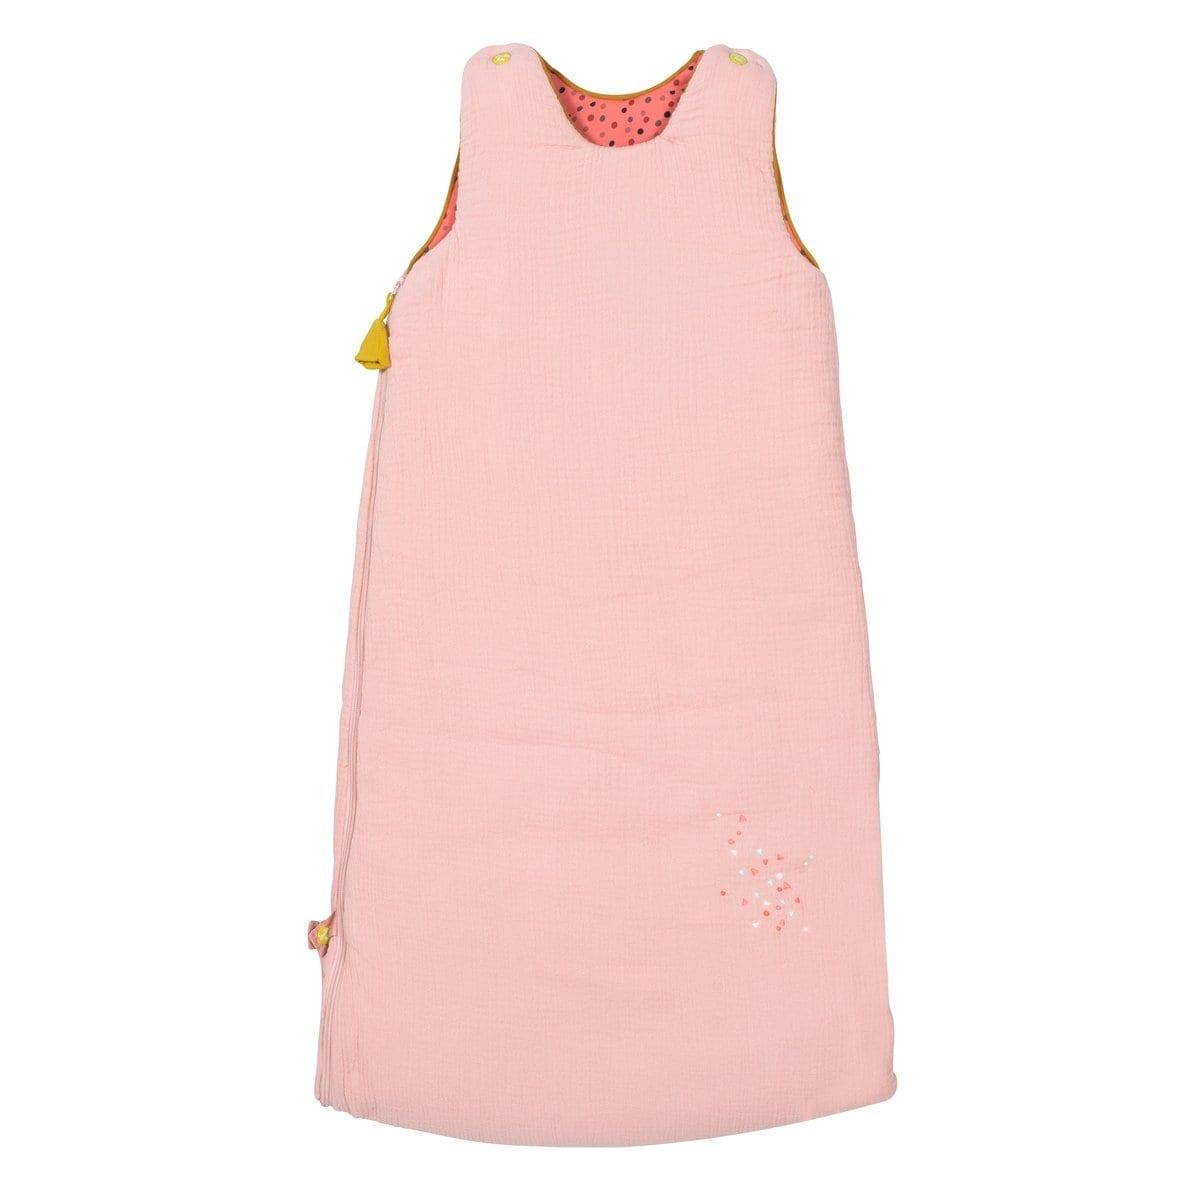 be8b281108 Sac de couchage rose 90-110 cm Les Jolis trop beaux, 665089, Moulin Roty -  La Maison de Zazou